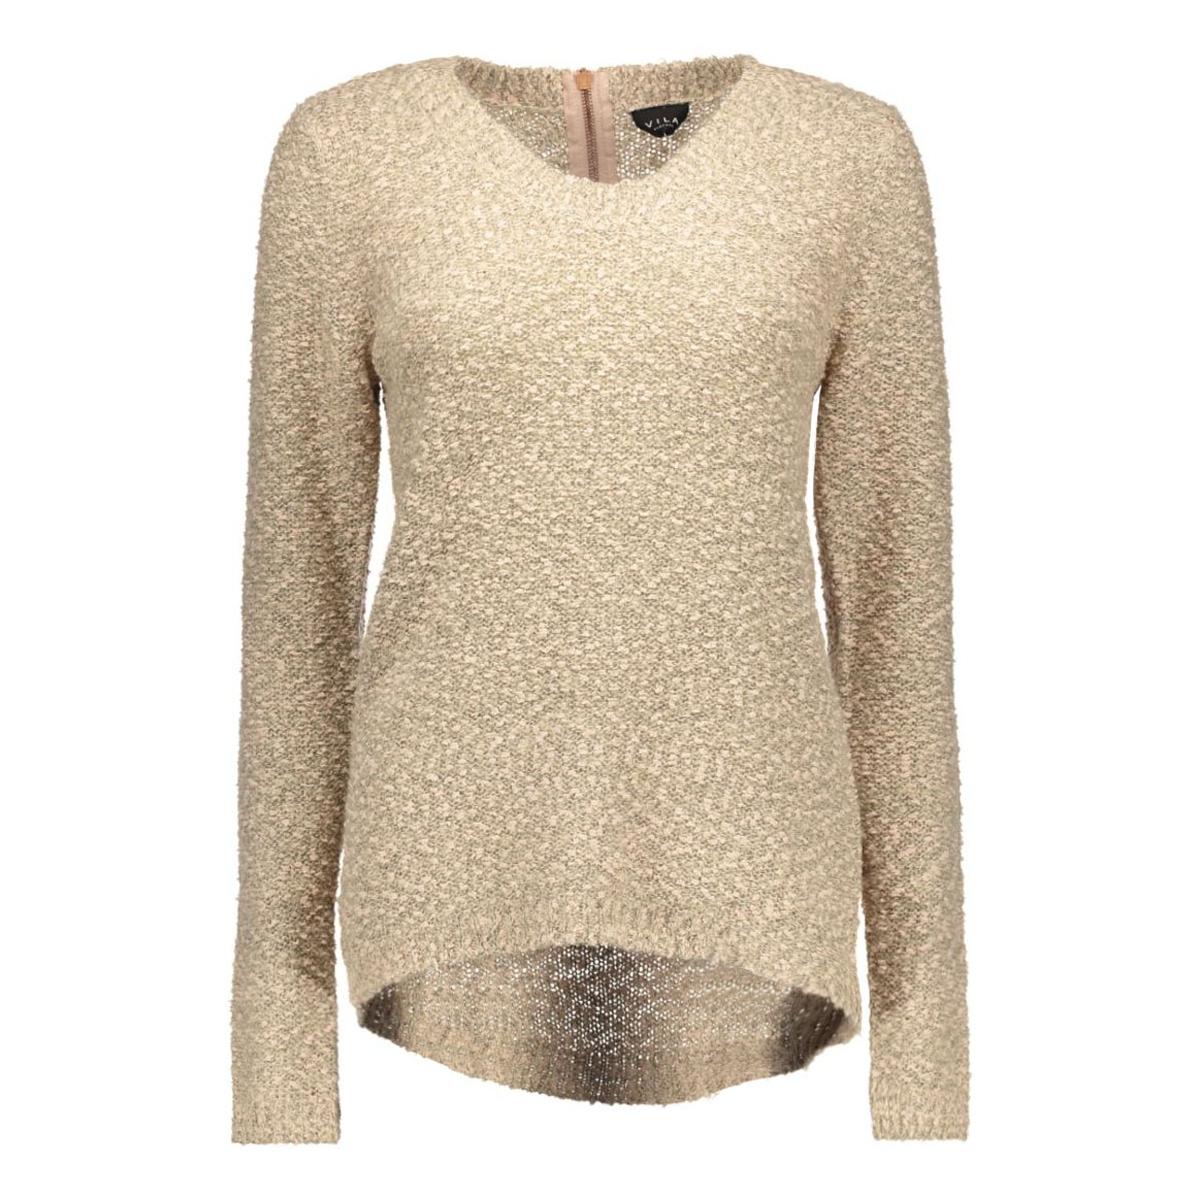 vilika l/s knit top tb 14035633 vila trui sandshell